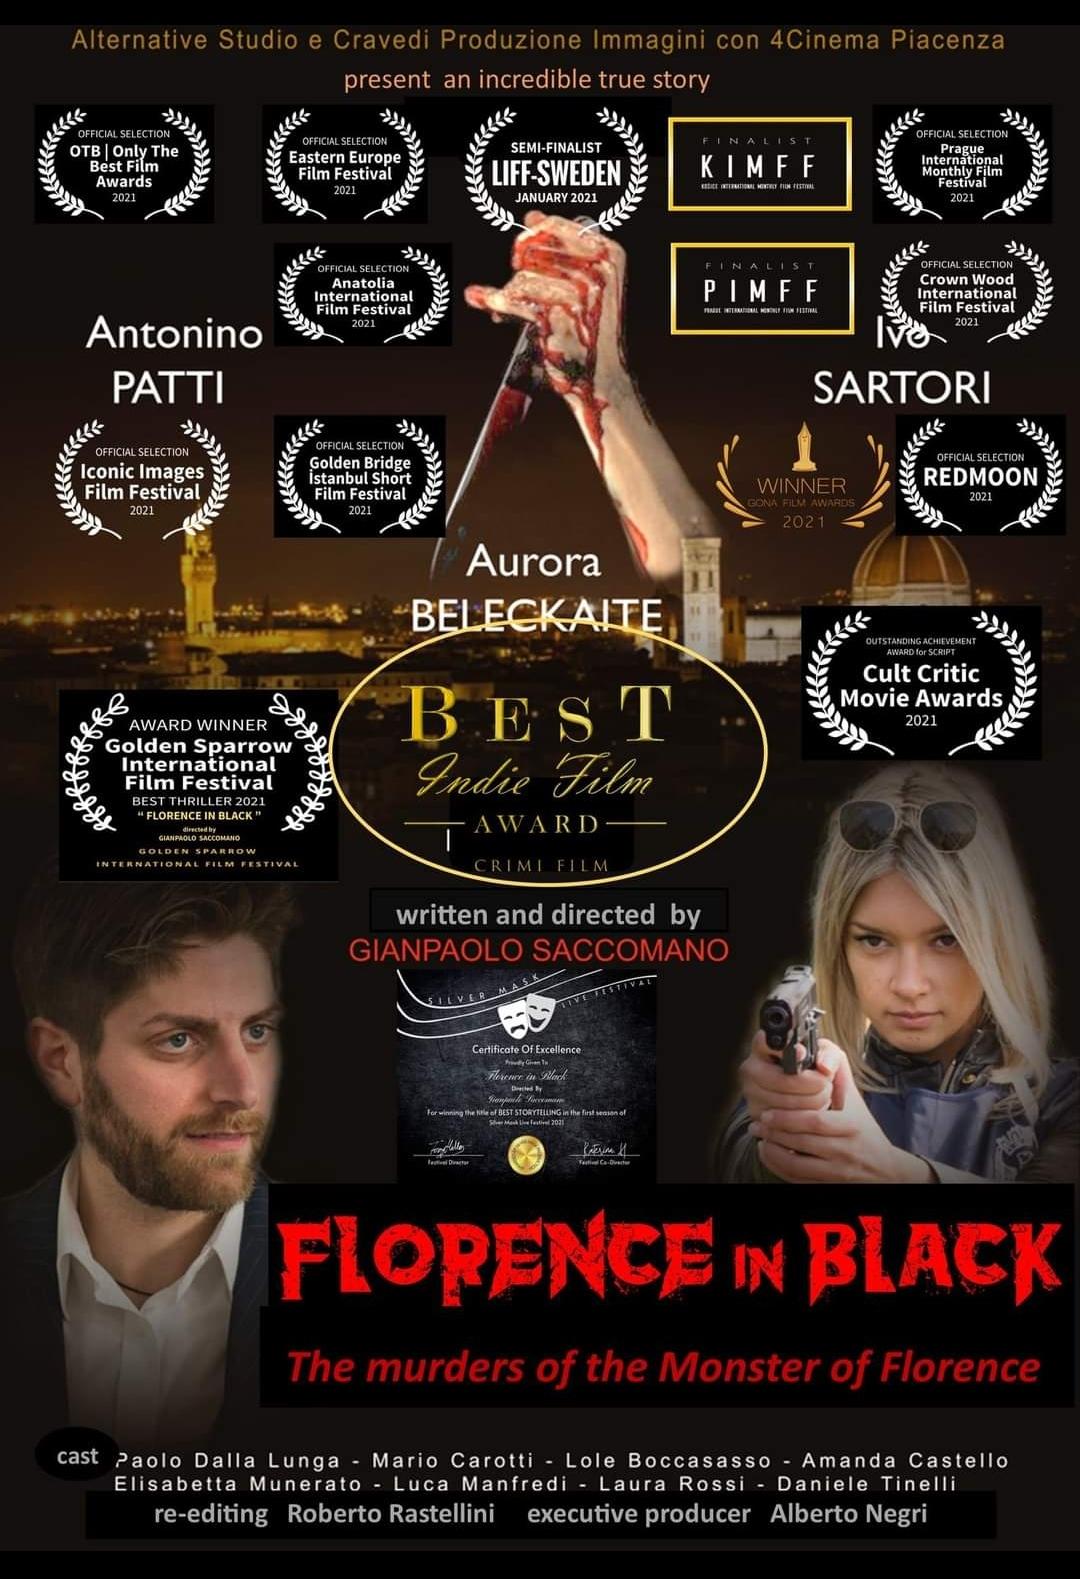 """Il regista Gianpaolo Saccomano annuncia: """"Il film Nero Fiorentino presente anche nella selezione ufficiale del Red Mon Festival di Buenos Aires"""""""